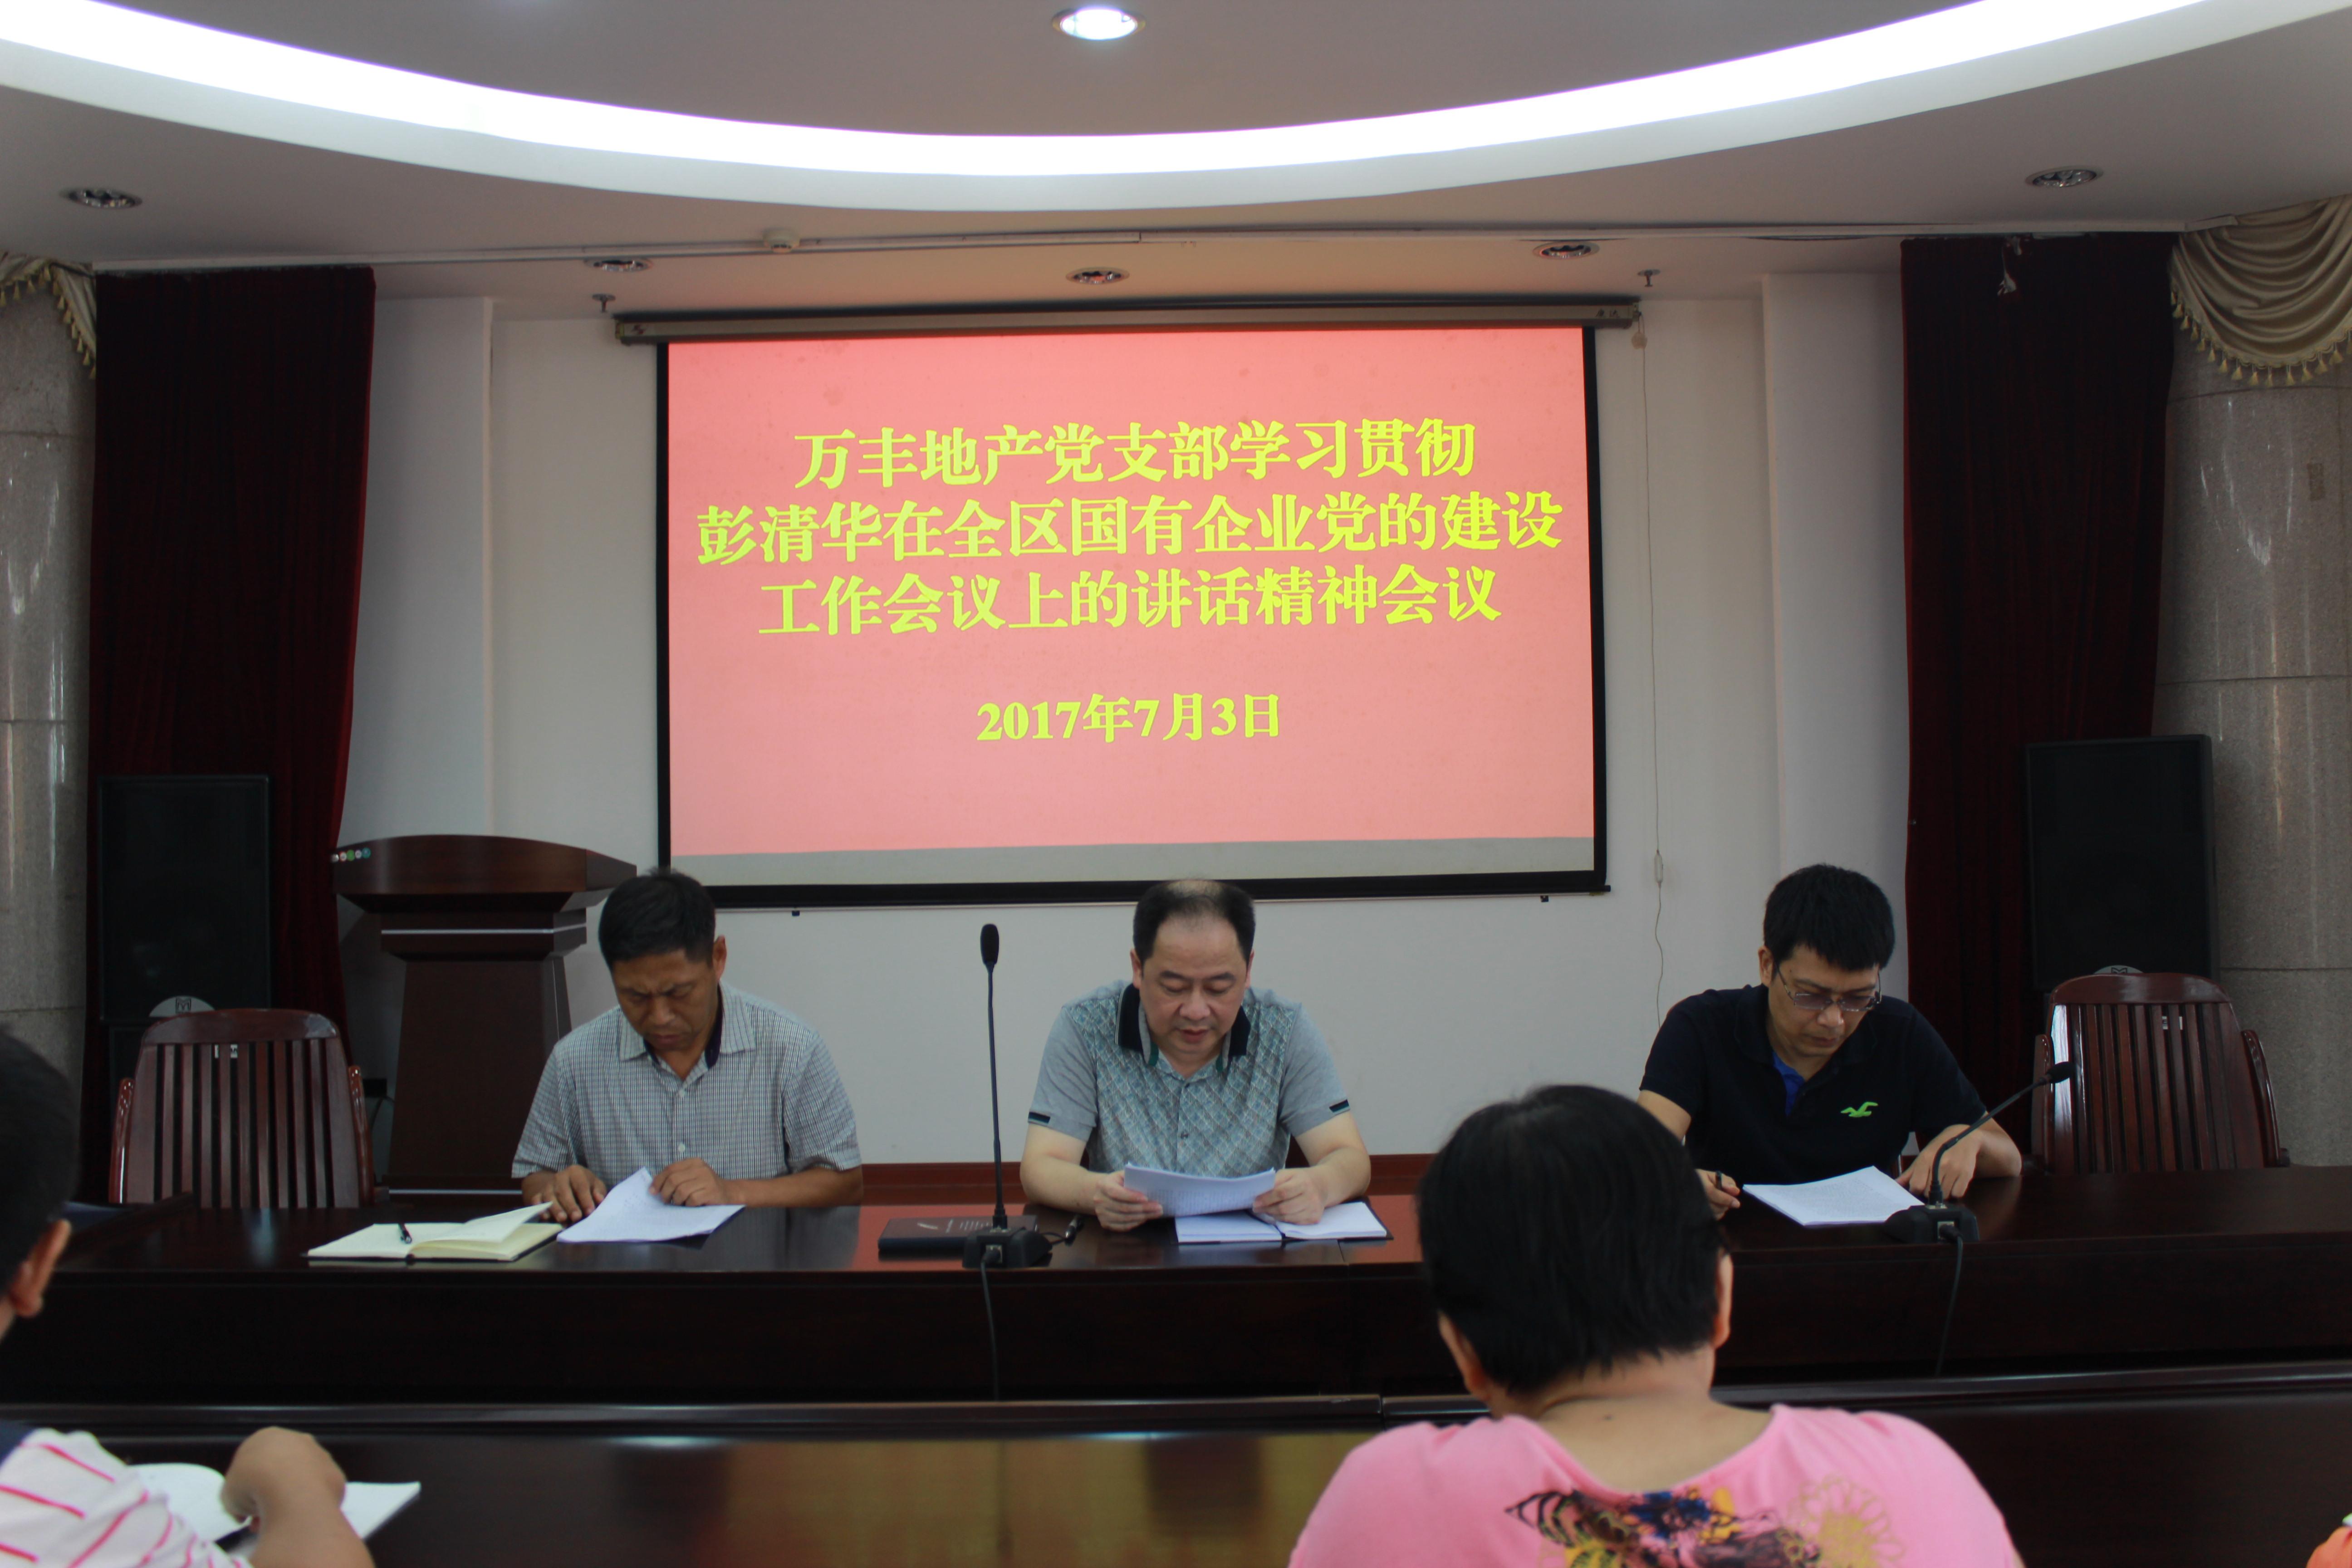 2017年7月3日,公司党支部召开全体党员大会,学习贯彻彭清华在全区国有企业党建工作会议上的重要讲话精神